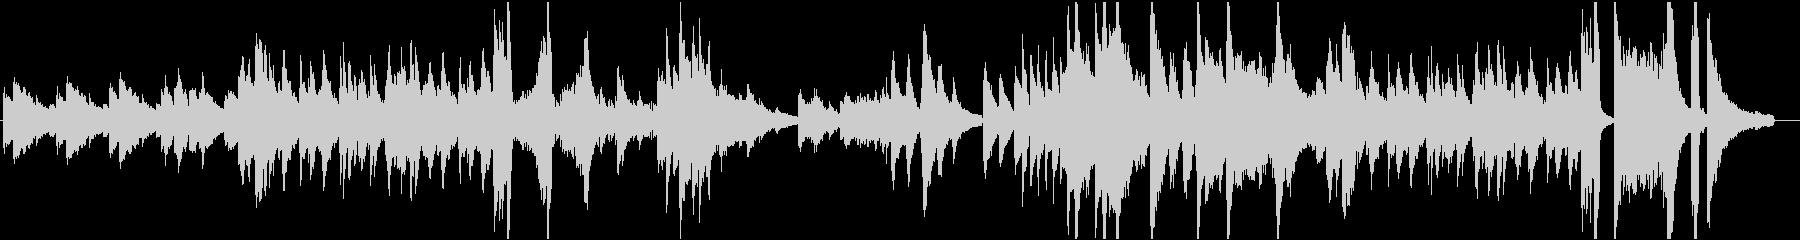 近代クラシック風のソロピアノ曲の未再生の波形